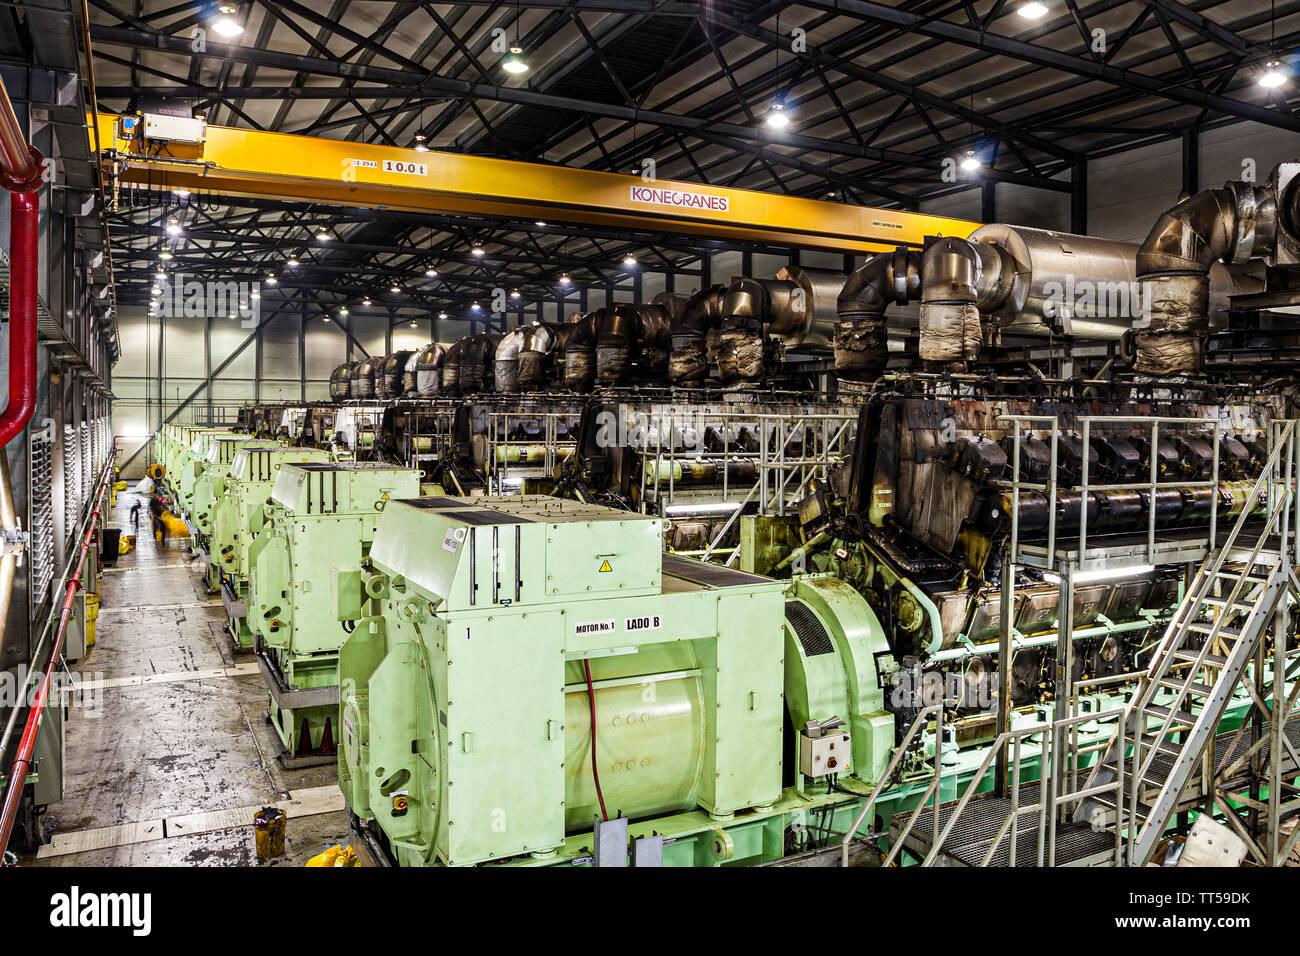 Machines pour la production d'électricité à Bahia las Minas centrale thermique. Colon, Panama. Photo Stock